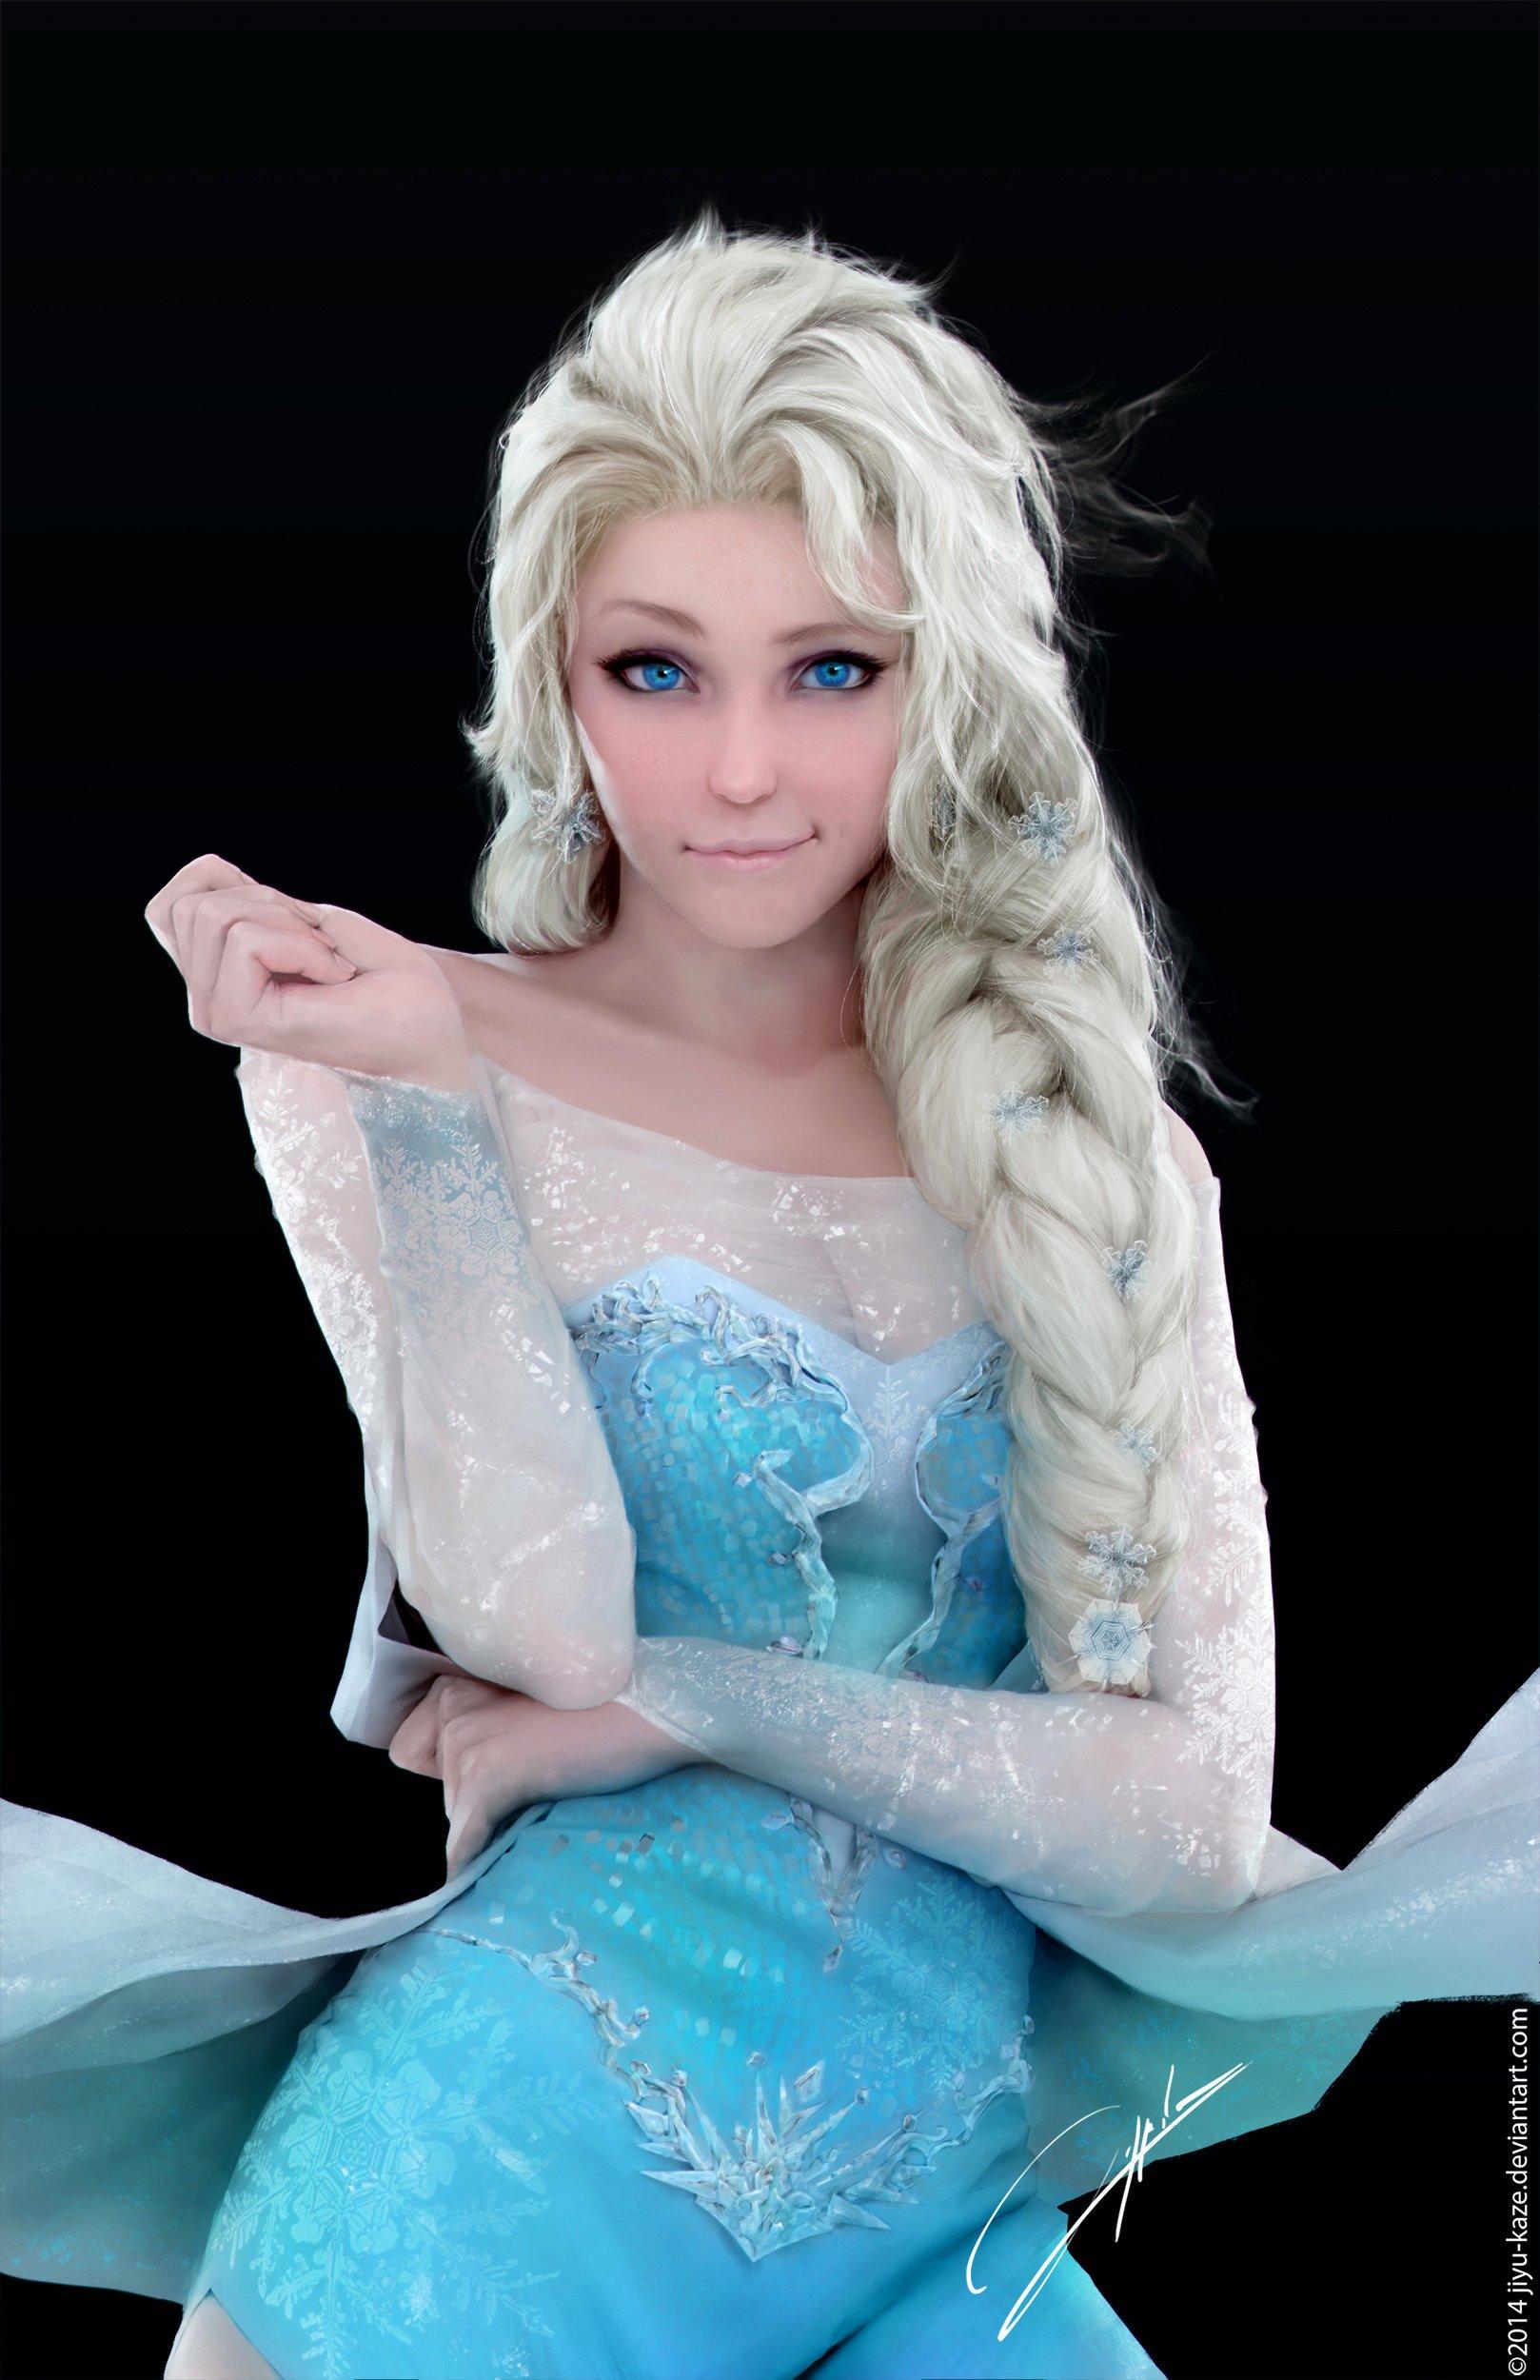 """Принцессу из """"Холодного сердца"""" потребовали сделать лесбиянкой! - Изображение 1"""